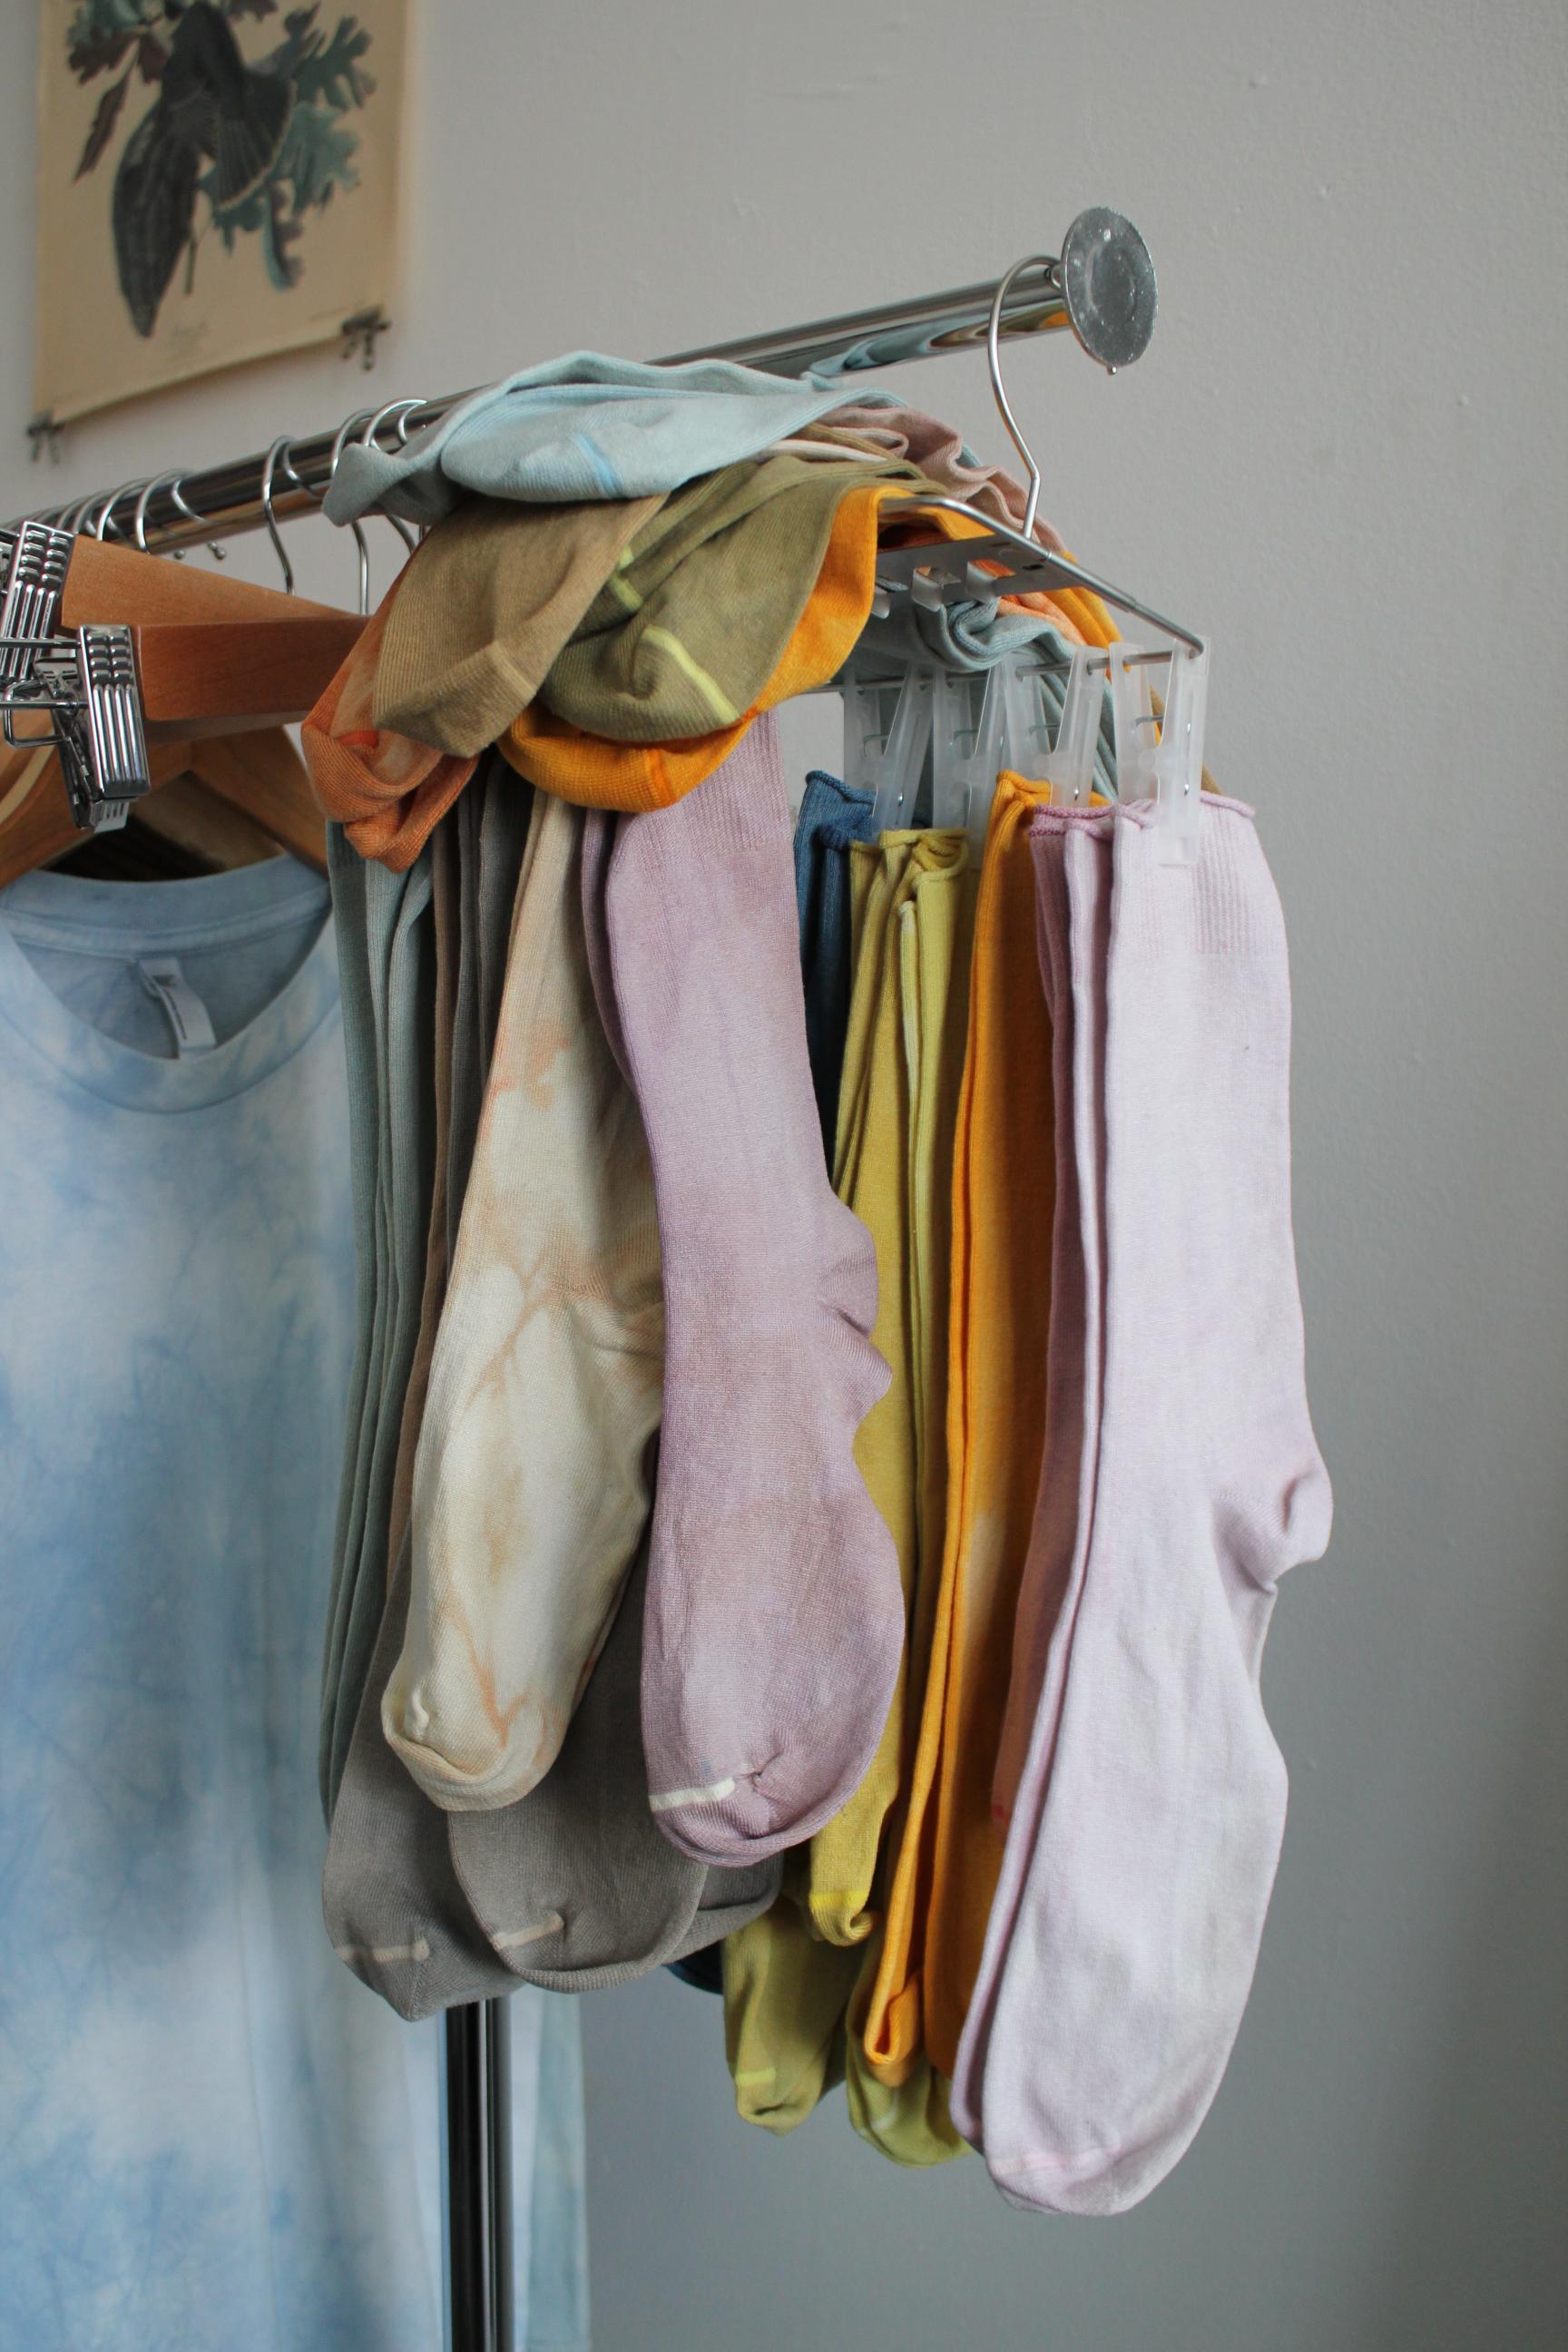 Silk socks for sale in the studio.